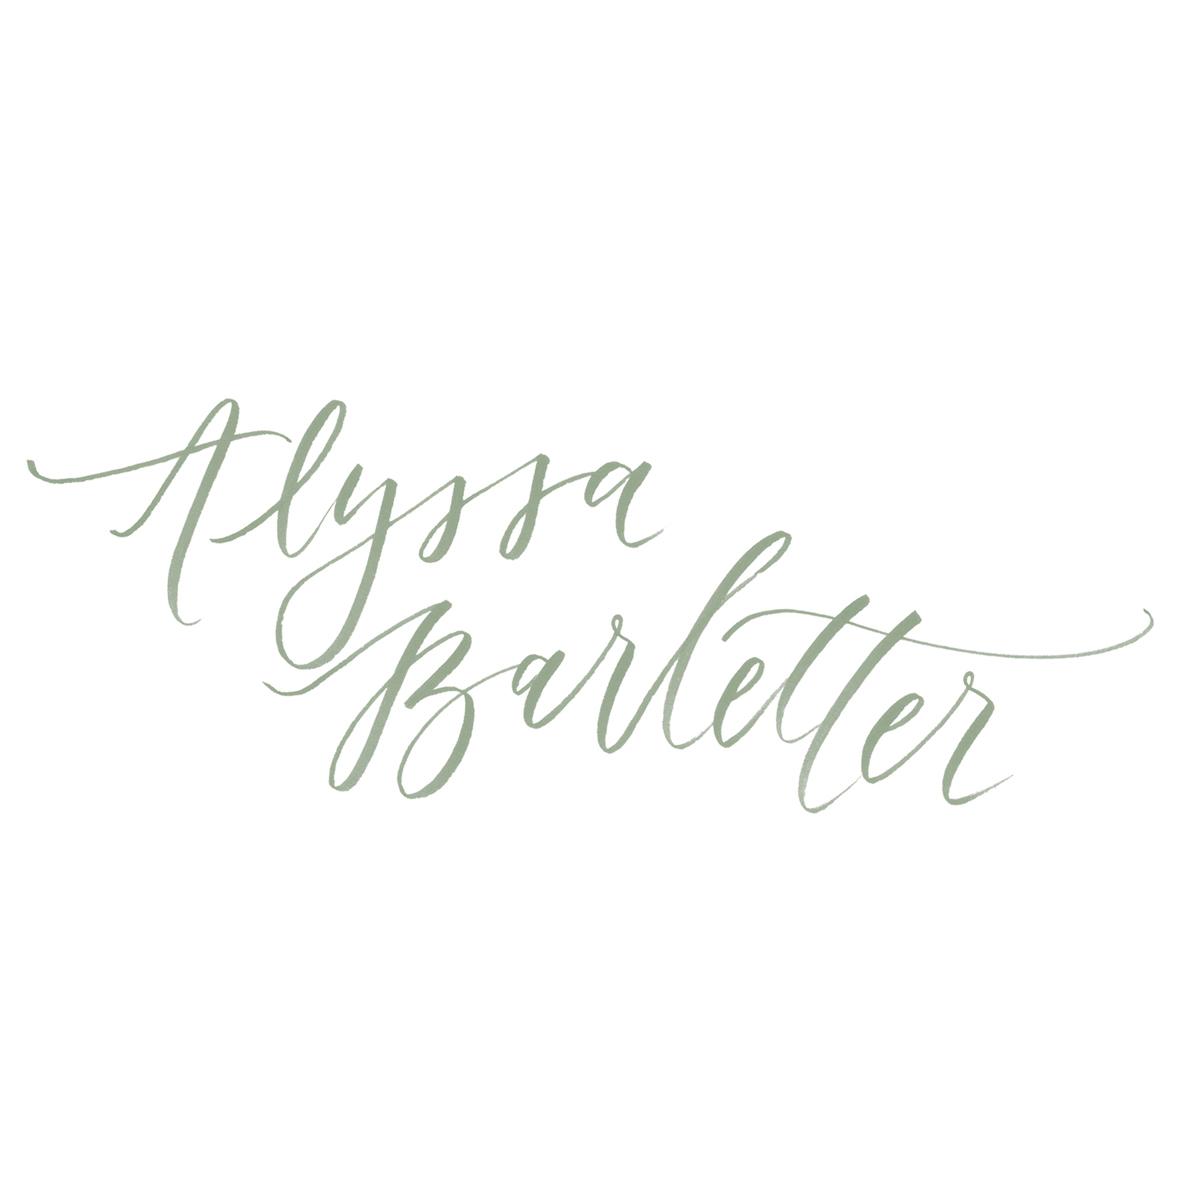 Alyssa Barletter hand-lettered logo